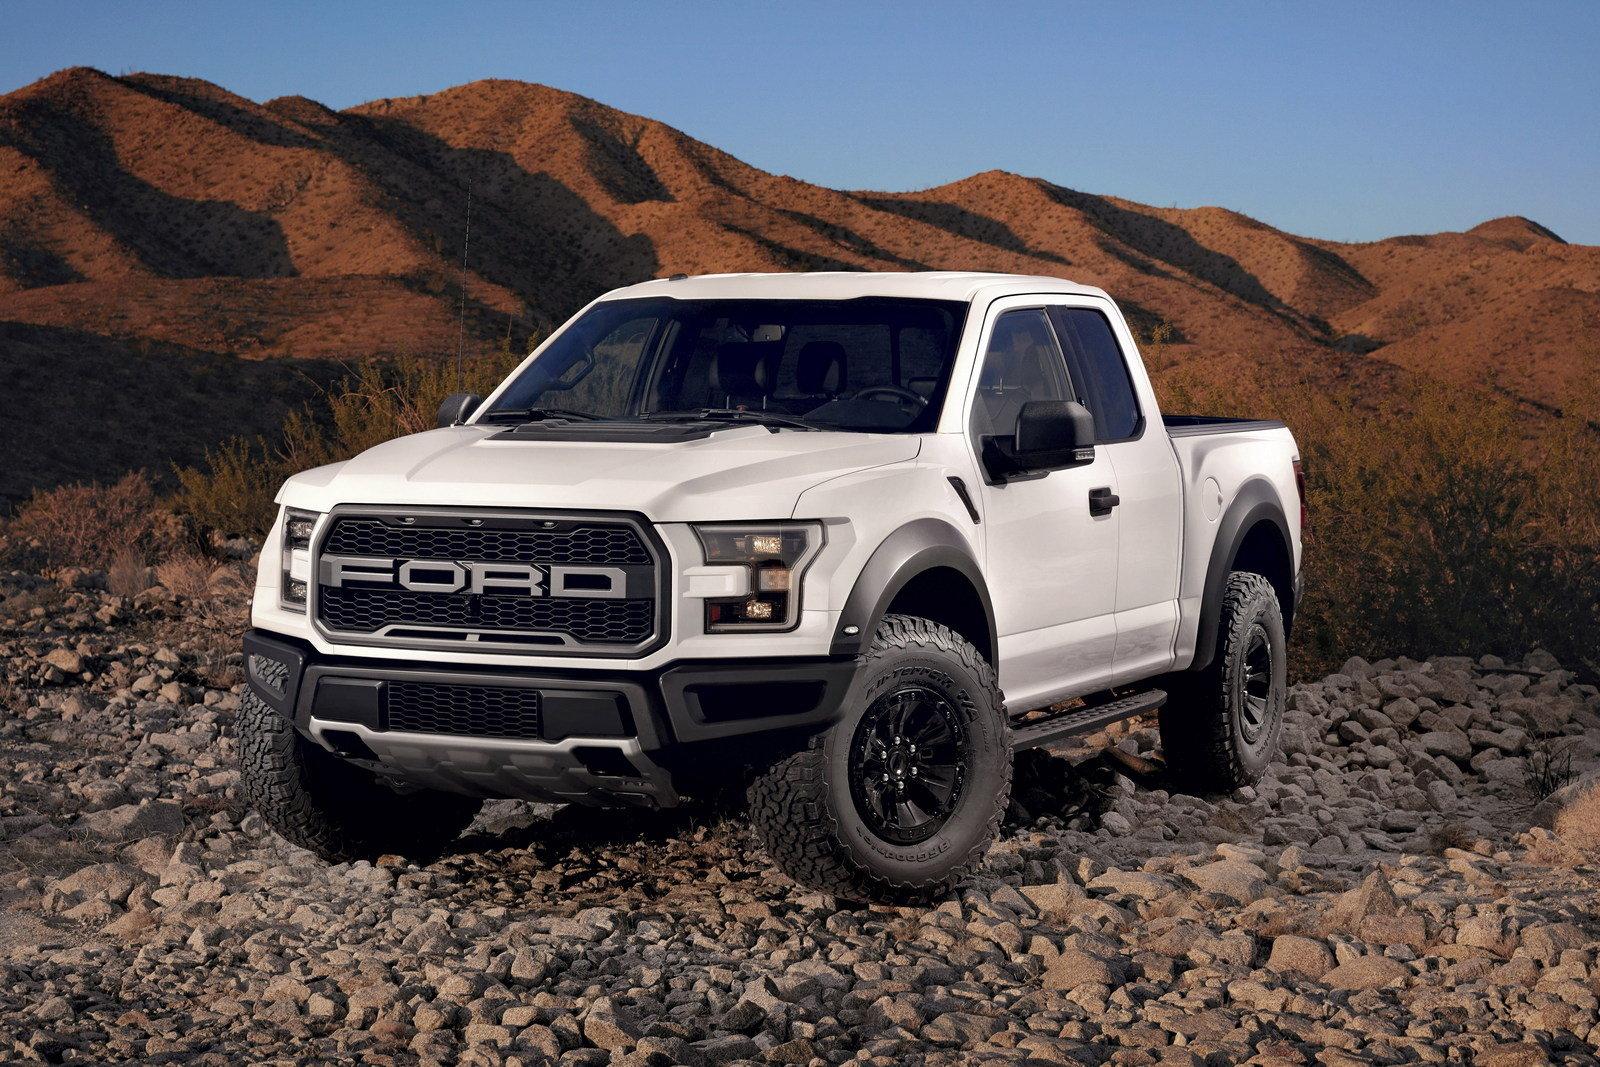 2019 Ford Ranger6